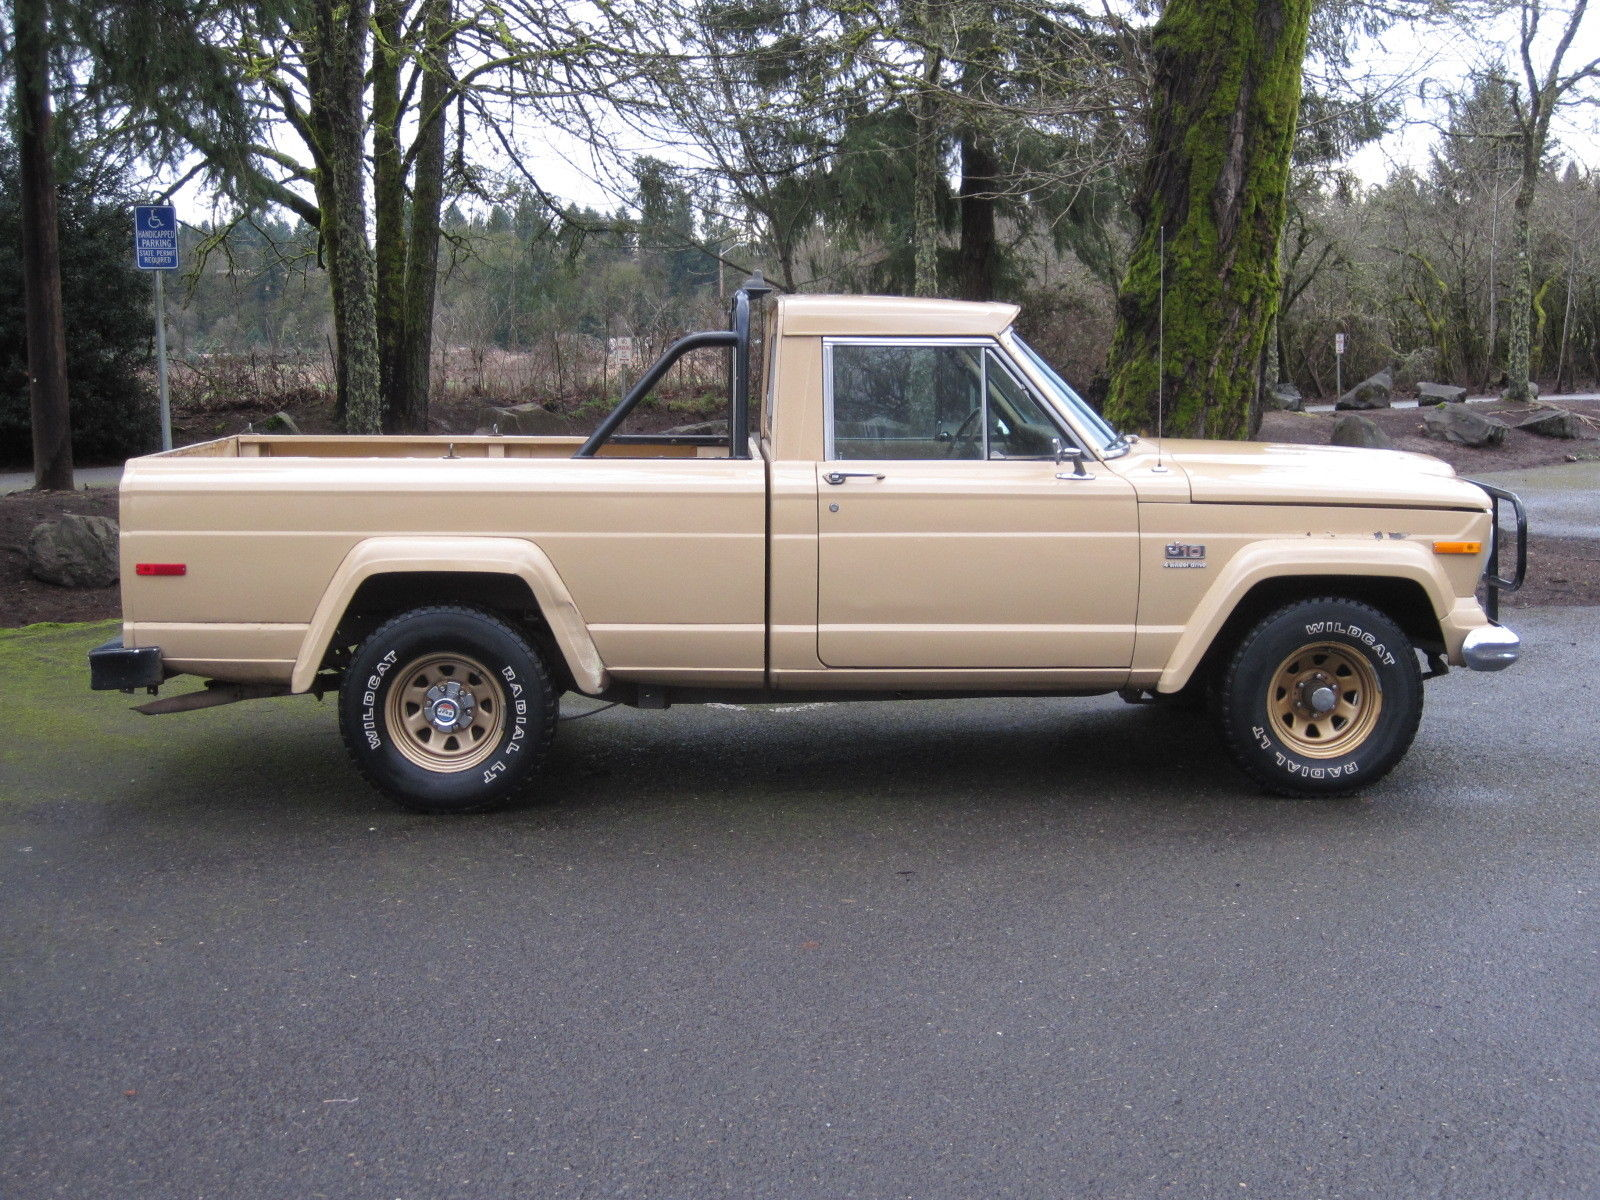 jeep 1978 j10 j 10 golden eagle 401 shortbed 4x4 rust free original truck levi 39 s. Black Bedroom Furniture Sets. Home Design Ideas